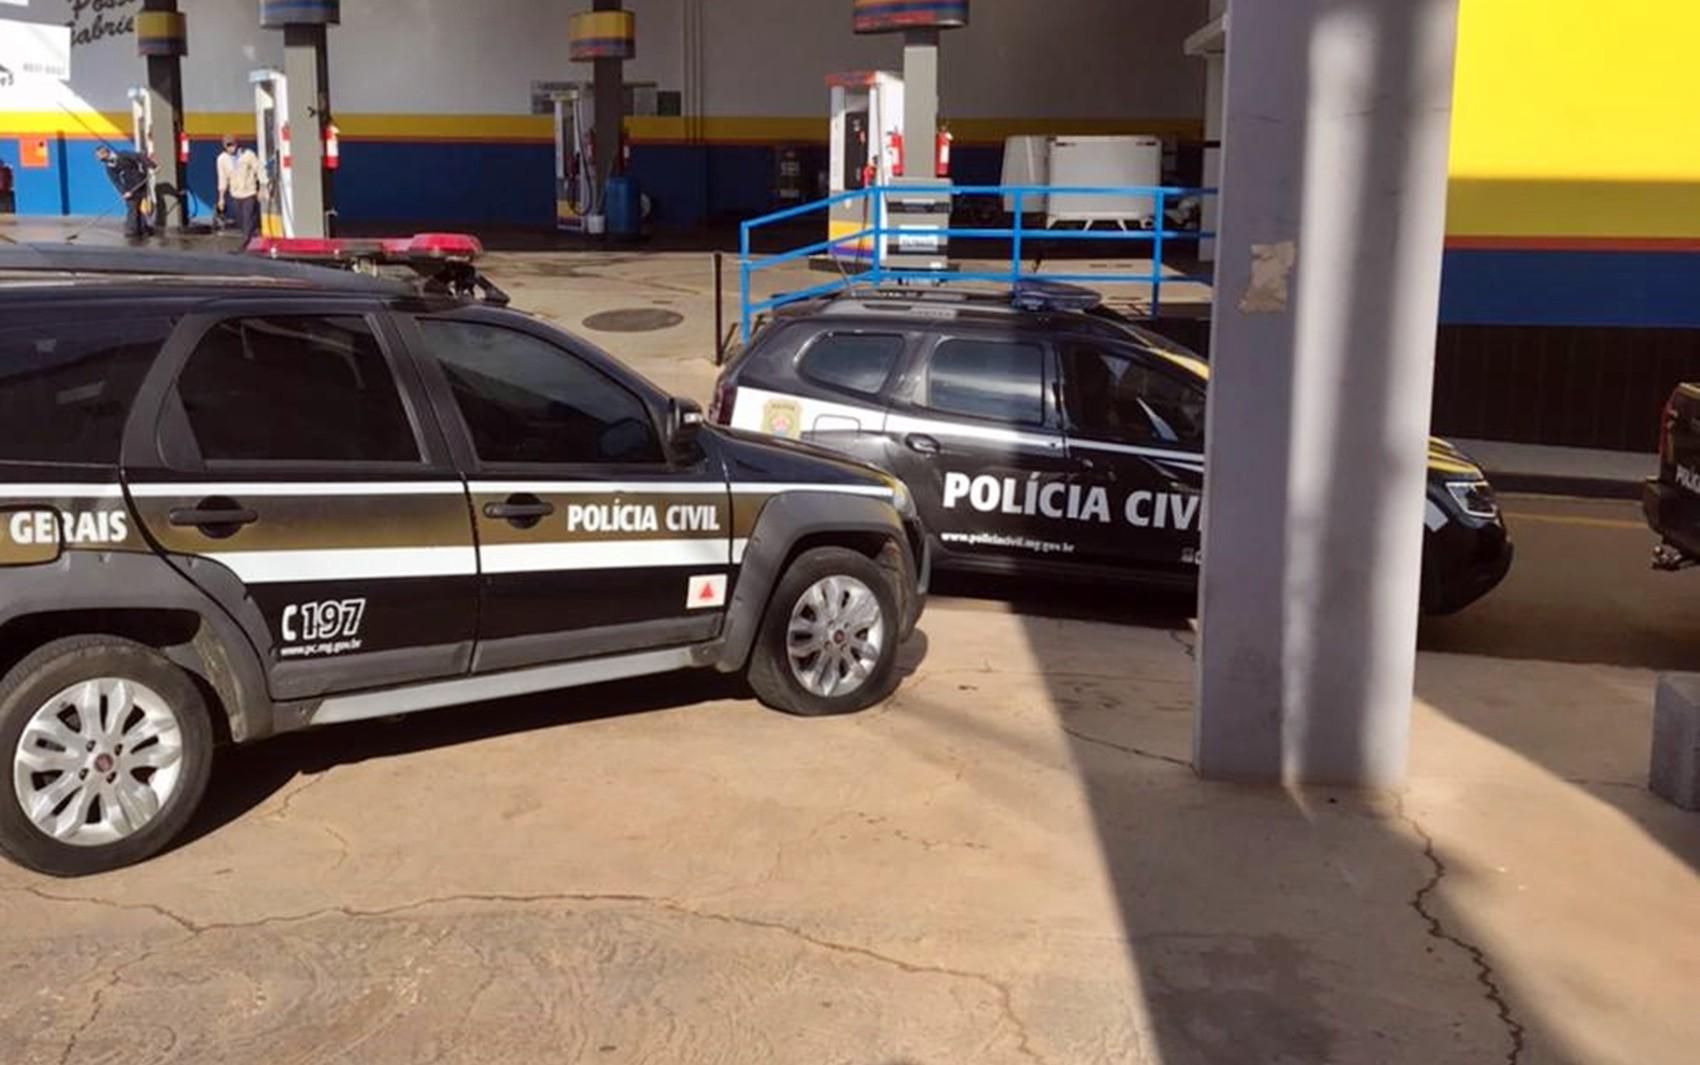 Paciente de clínica terapêutica é preso após denúncia de abuso sexual em Campo do Meio, MG